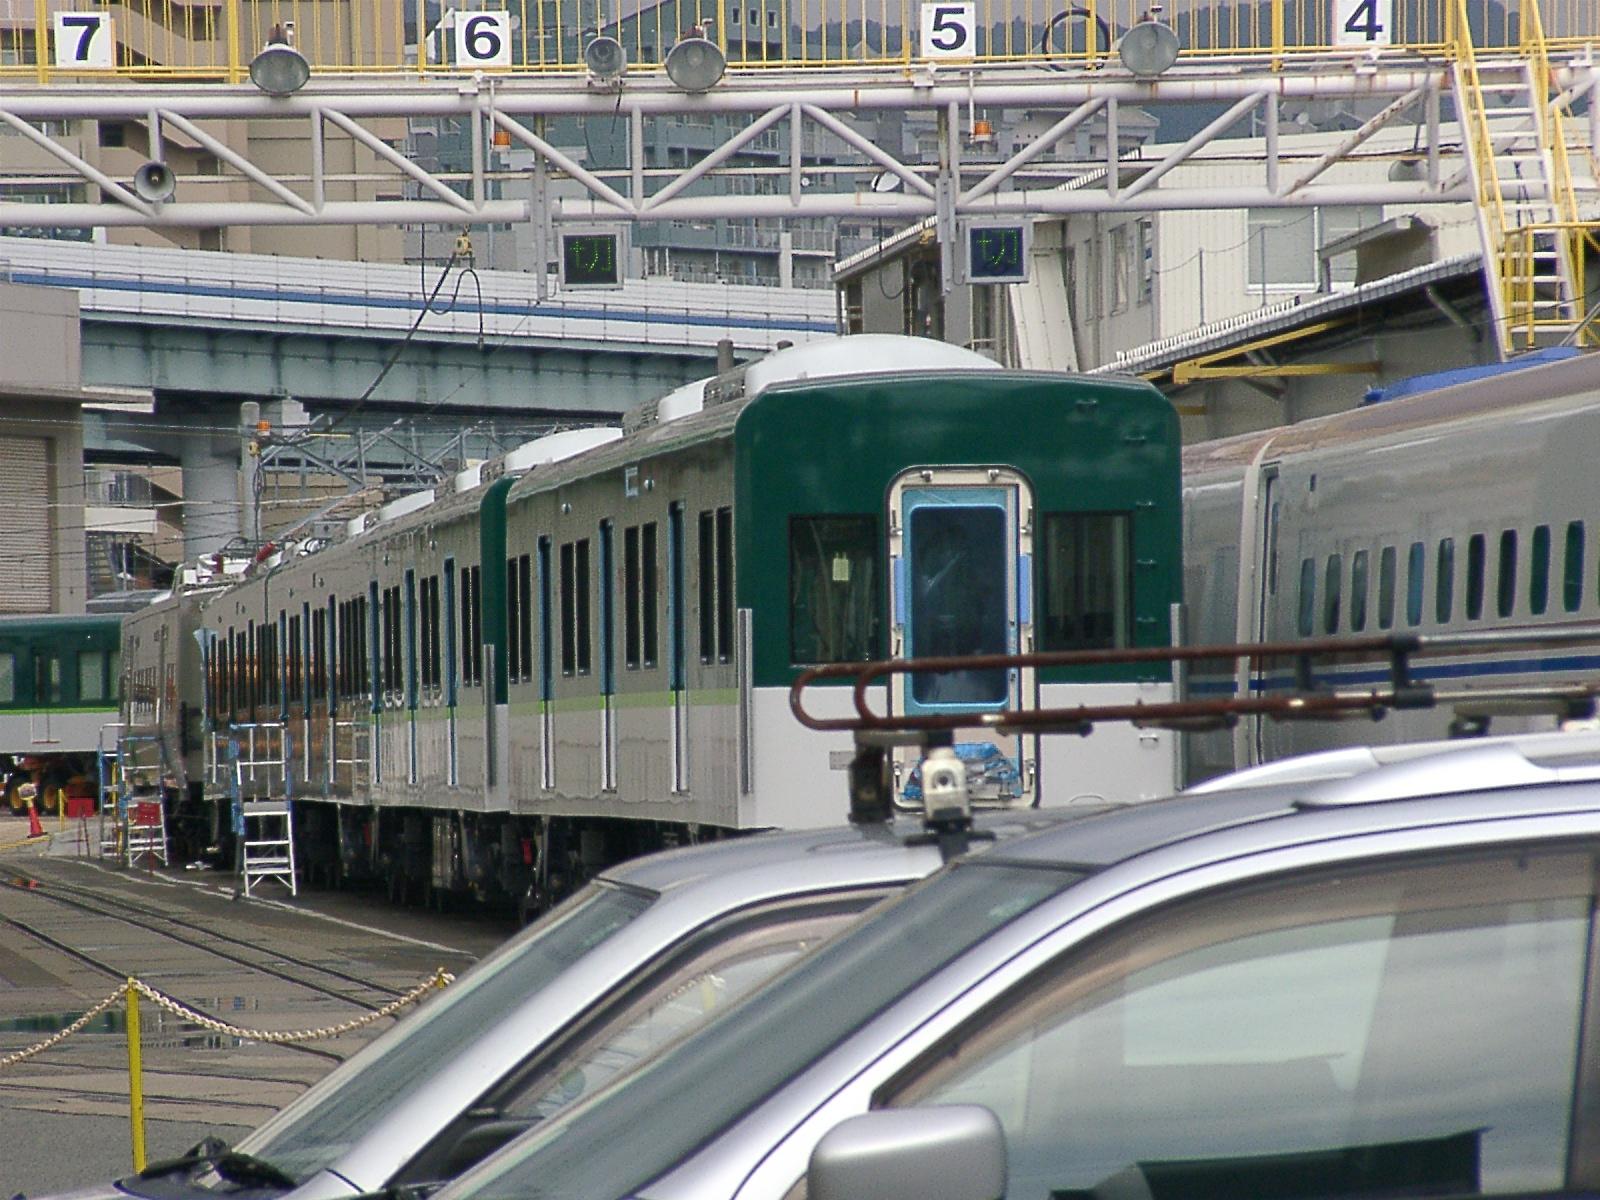 03020018.jpg